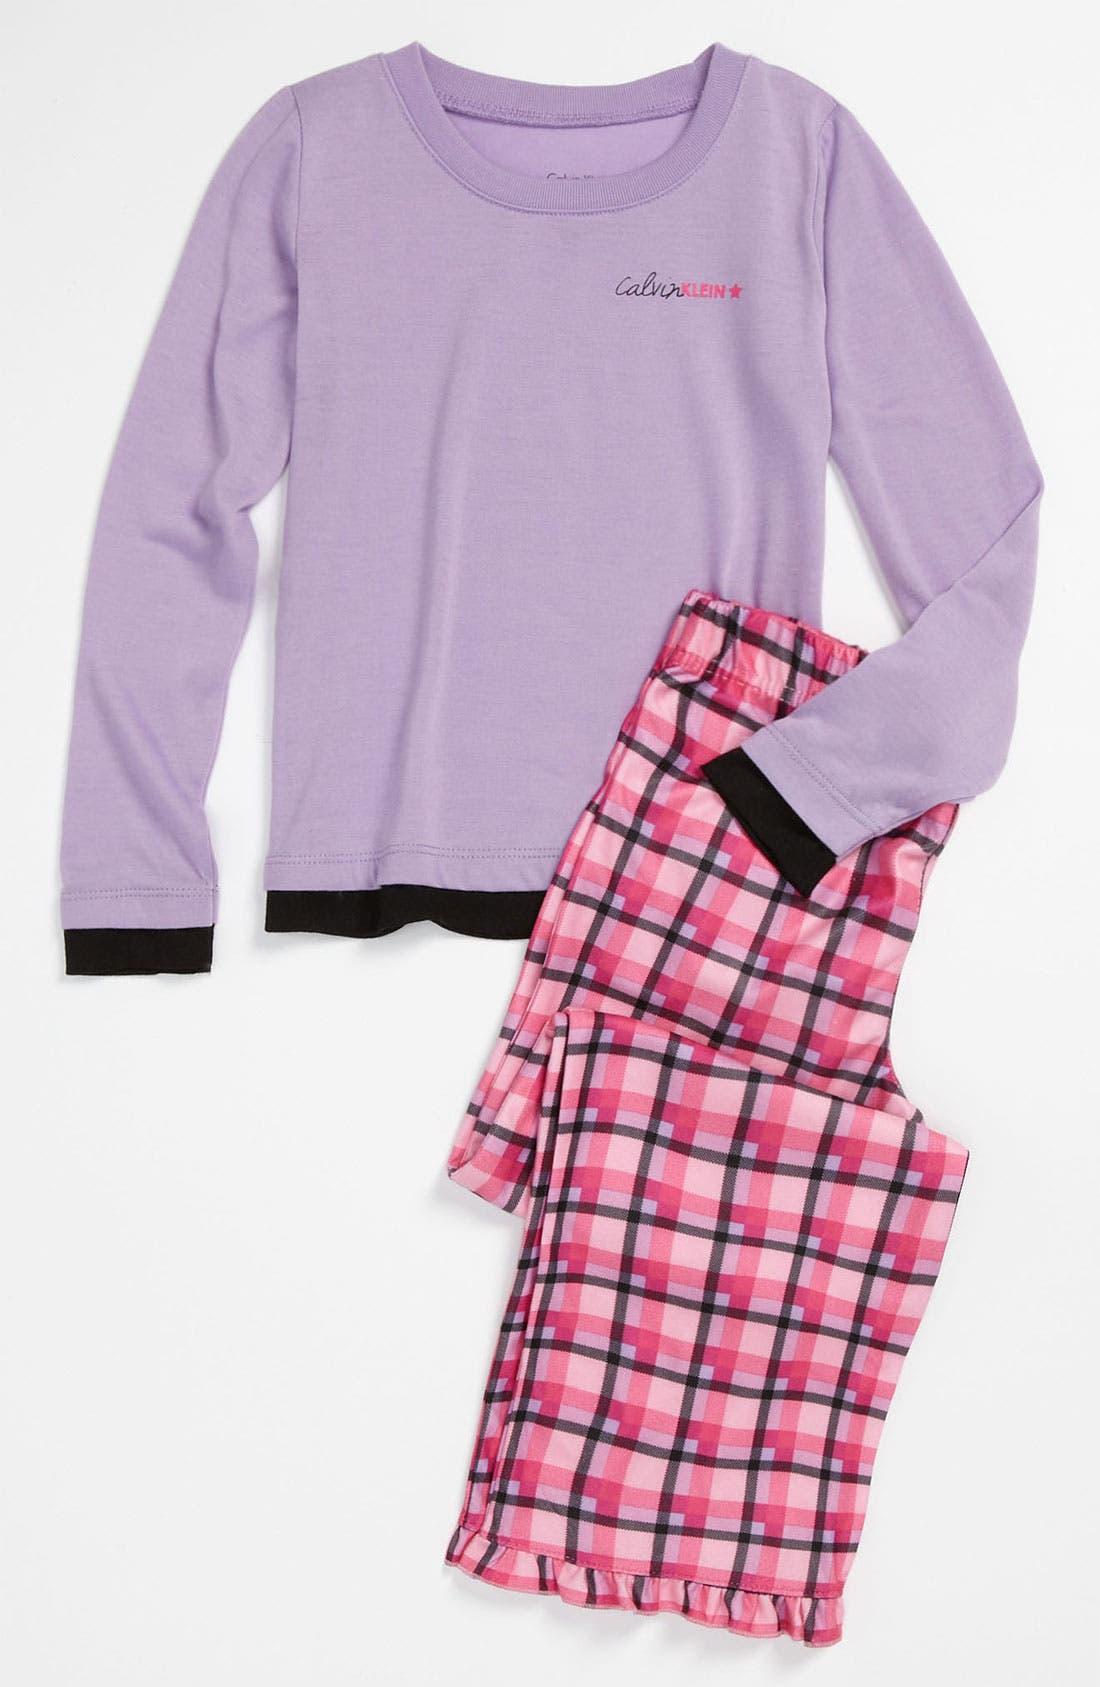 Alternate Image 1 Selected - Calvin Klein Knit Top & Plush Pants (Little Girls & Big Girls)